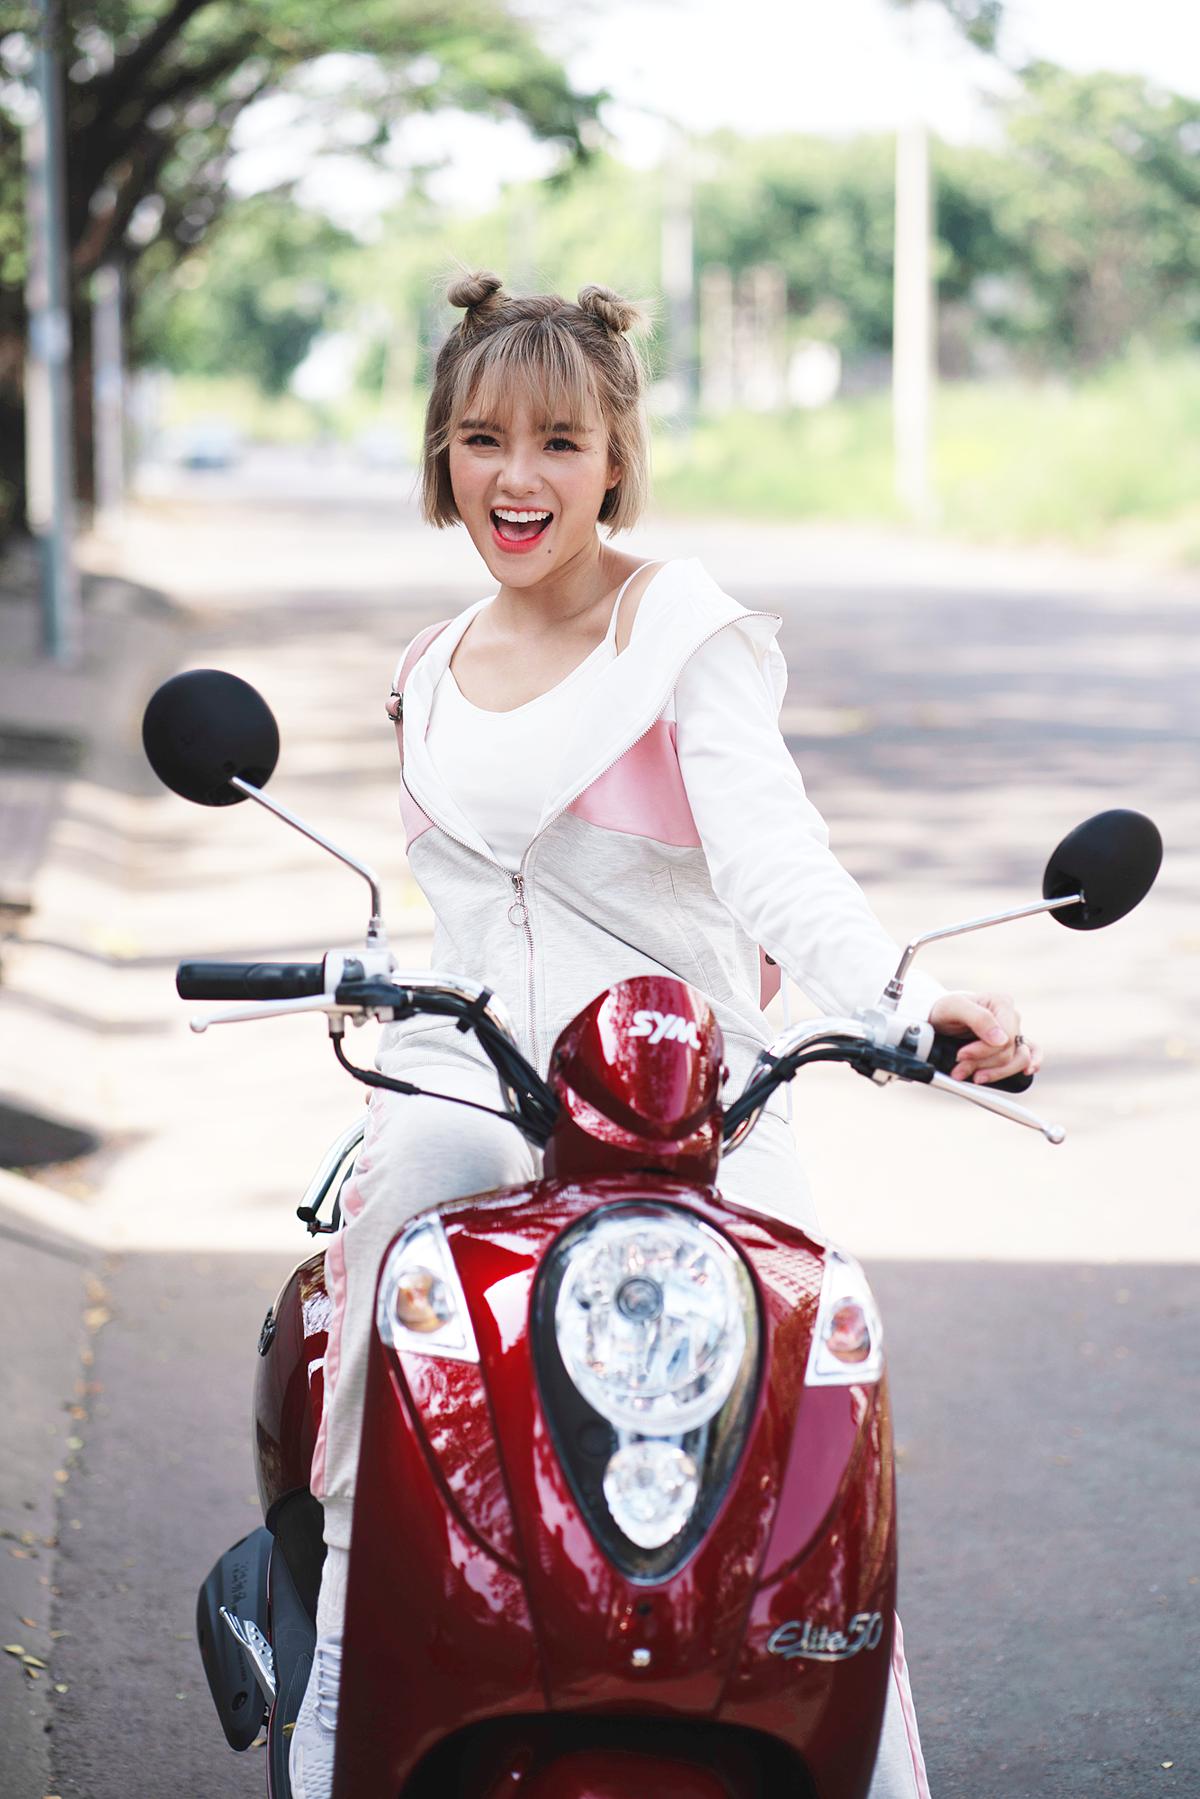 Đầu tiên là xe Elite 50cc. Mẫu xe đốn tim các cô gái trẻ bởi kiểu dáng mang phong cách cổ điển của thập niên 70, kết hợp cùng những tính năng hiện đại như đèn halogen, ổ khóa 4 trong 1, cốp xe rộng...